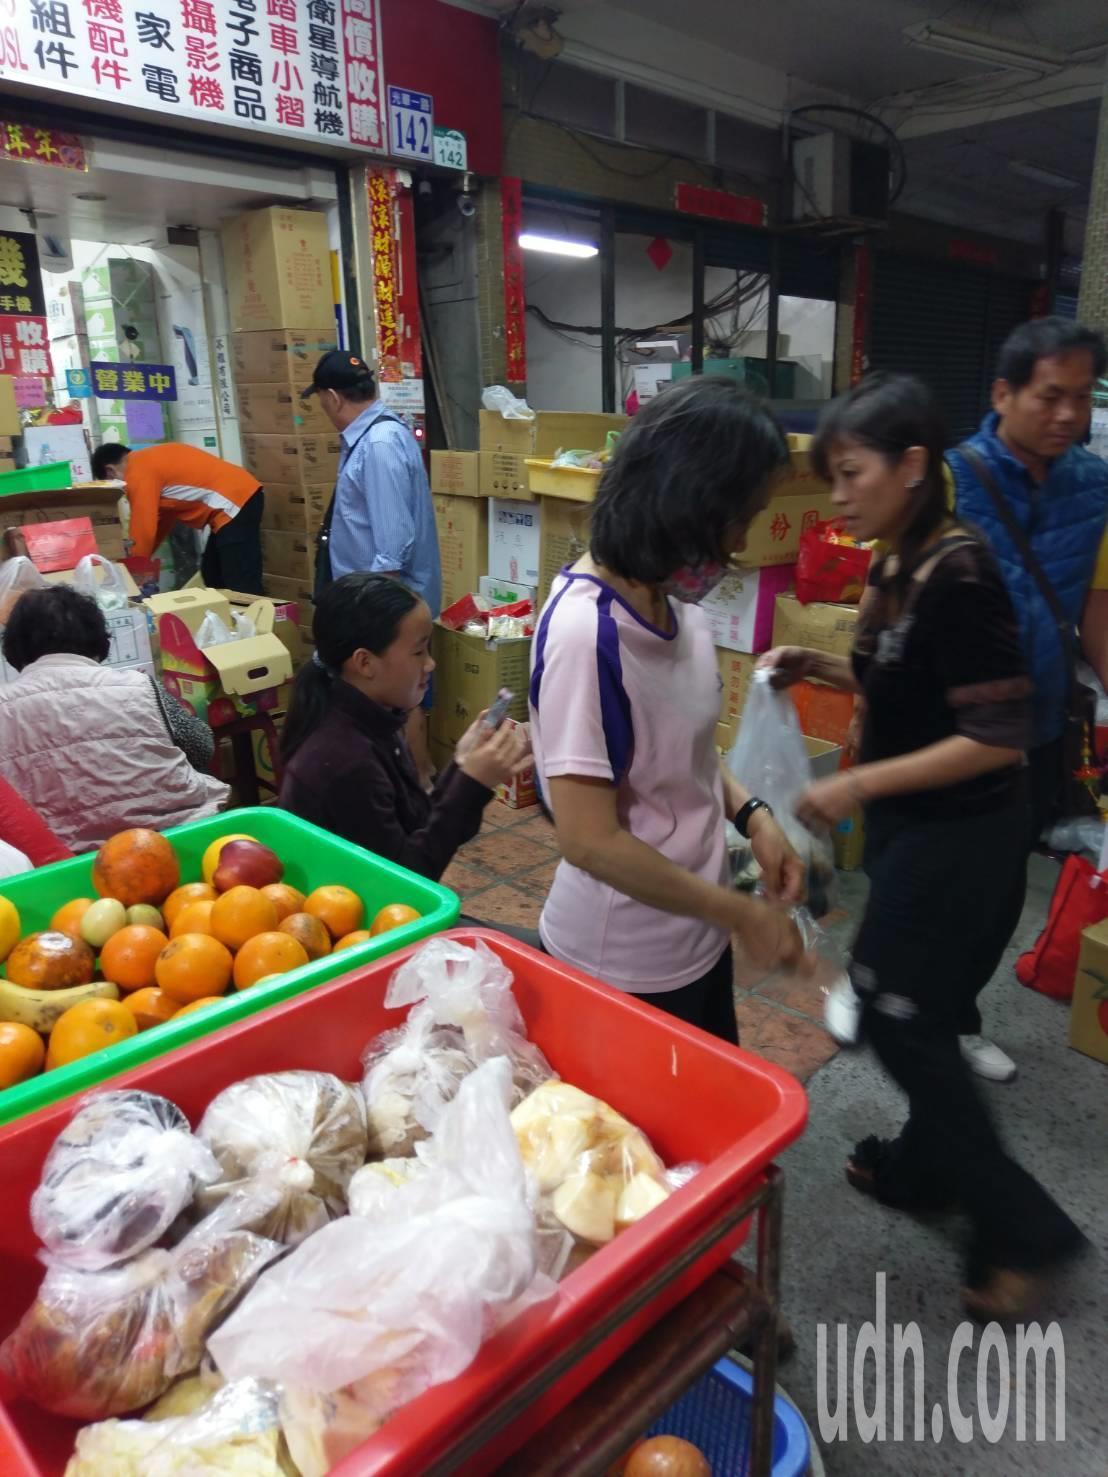 通訊行業者陳勝雄推出的「愛心食物冰箱」,他說,最近常常接近斷糧的狀態,提醒民眾,...